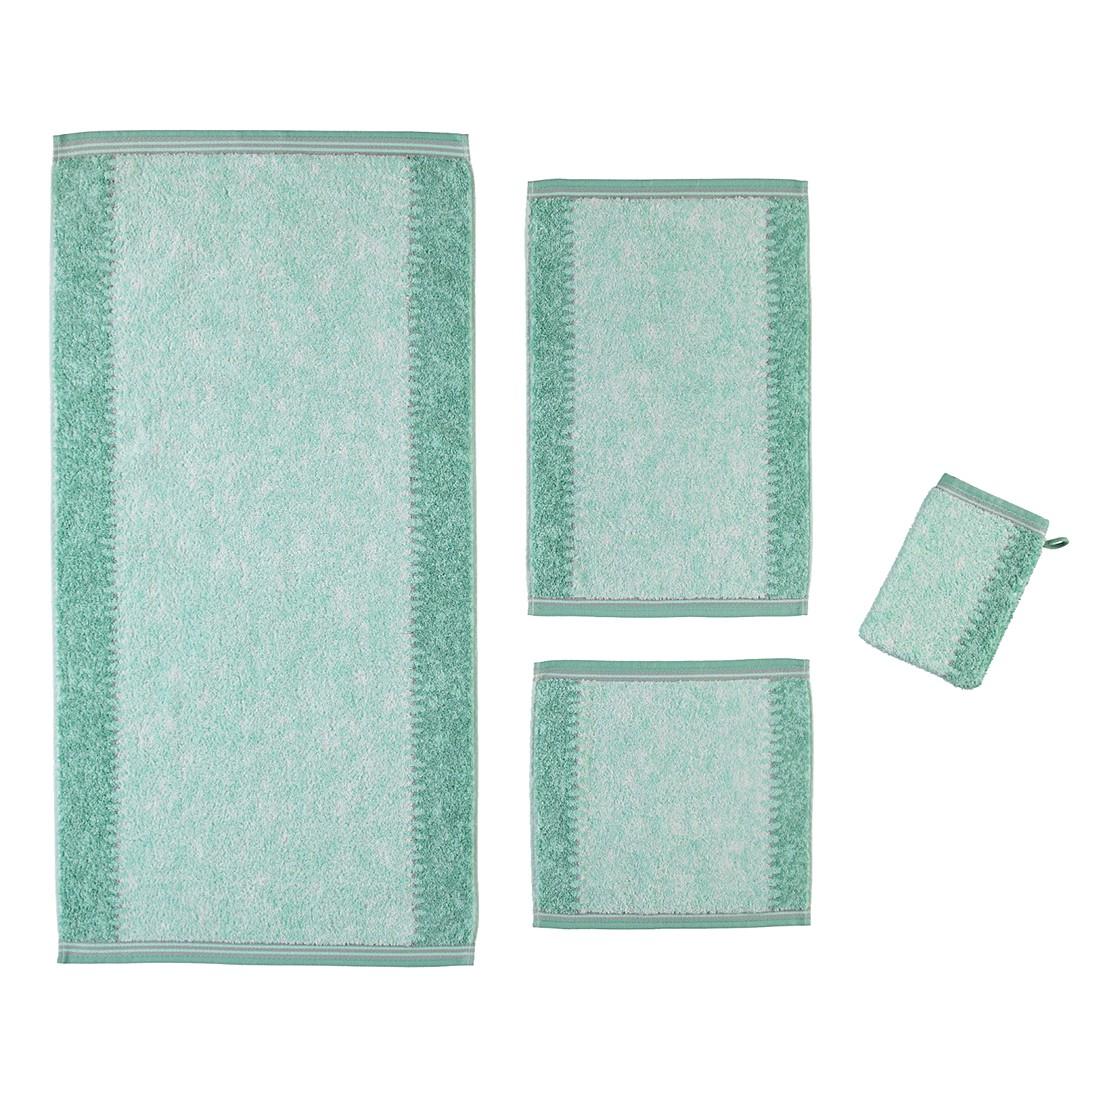 Handtücher Marmor 735 – Baumwolle – Mint – Handtuch 50×100 cm, Cawö online kaufen